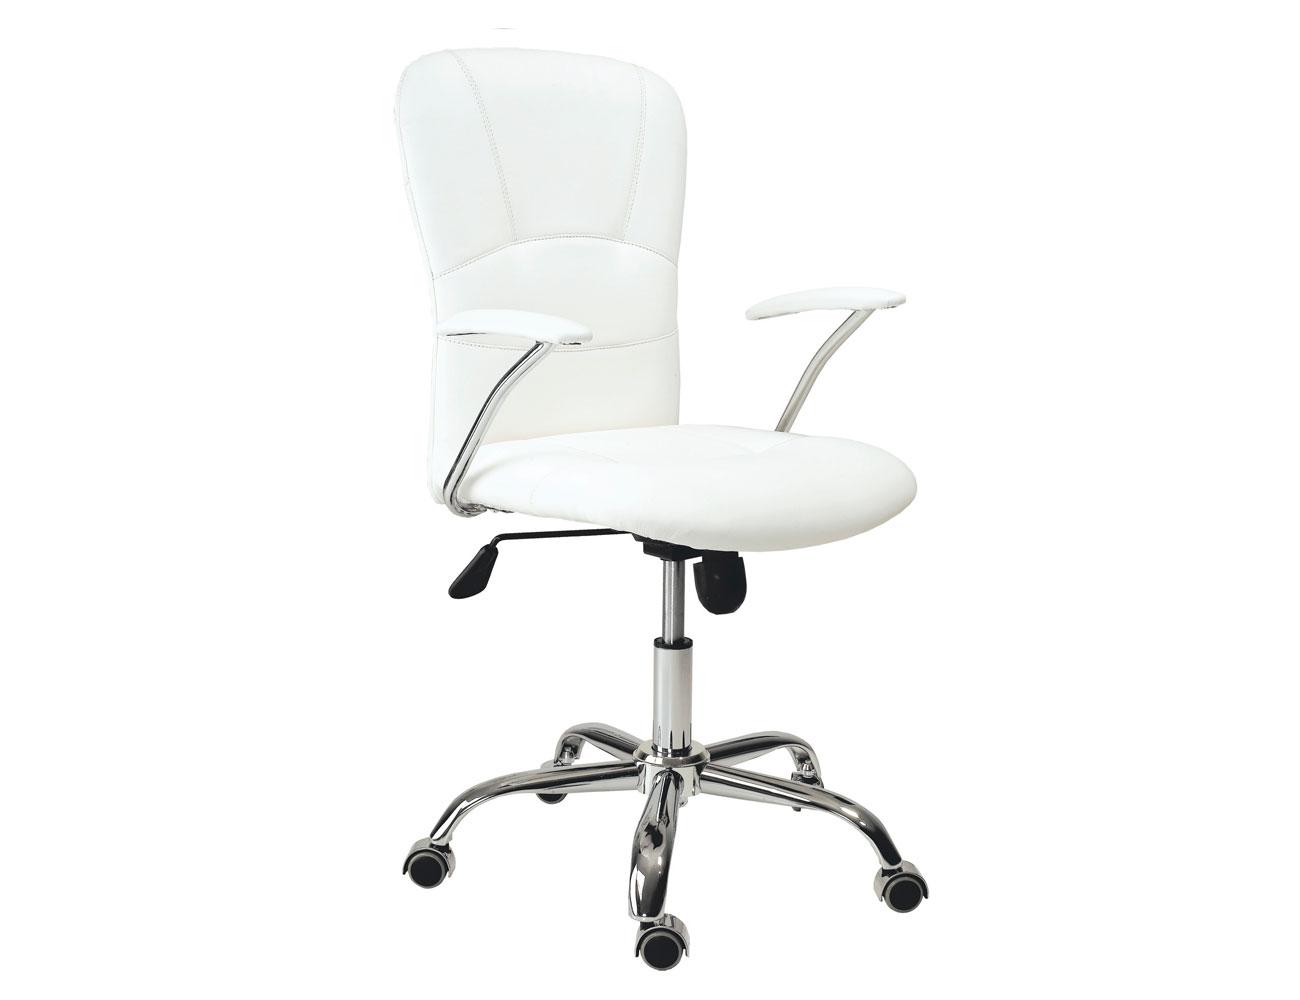 Sillon oficina despacho tapizada respaldo alto apoya brazos blanca ruedas